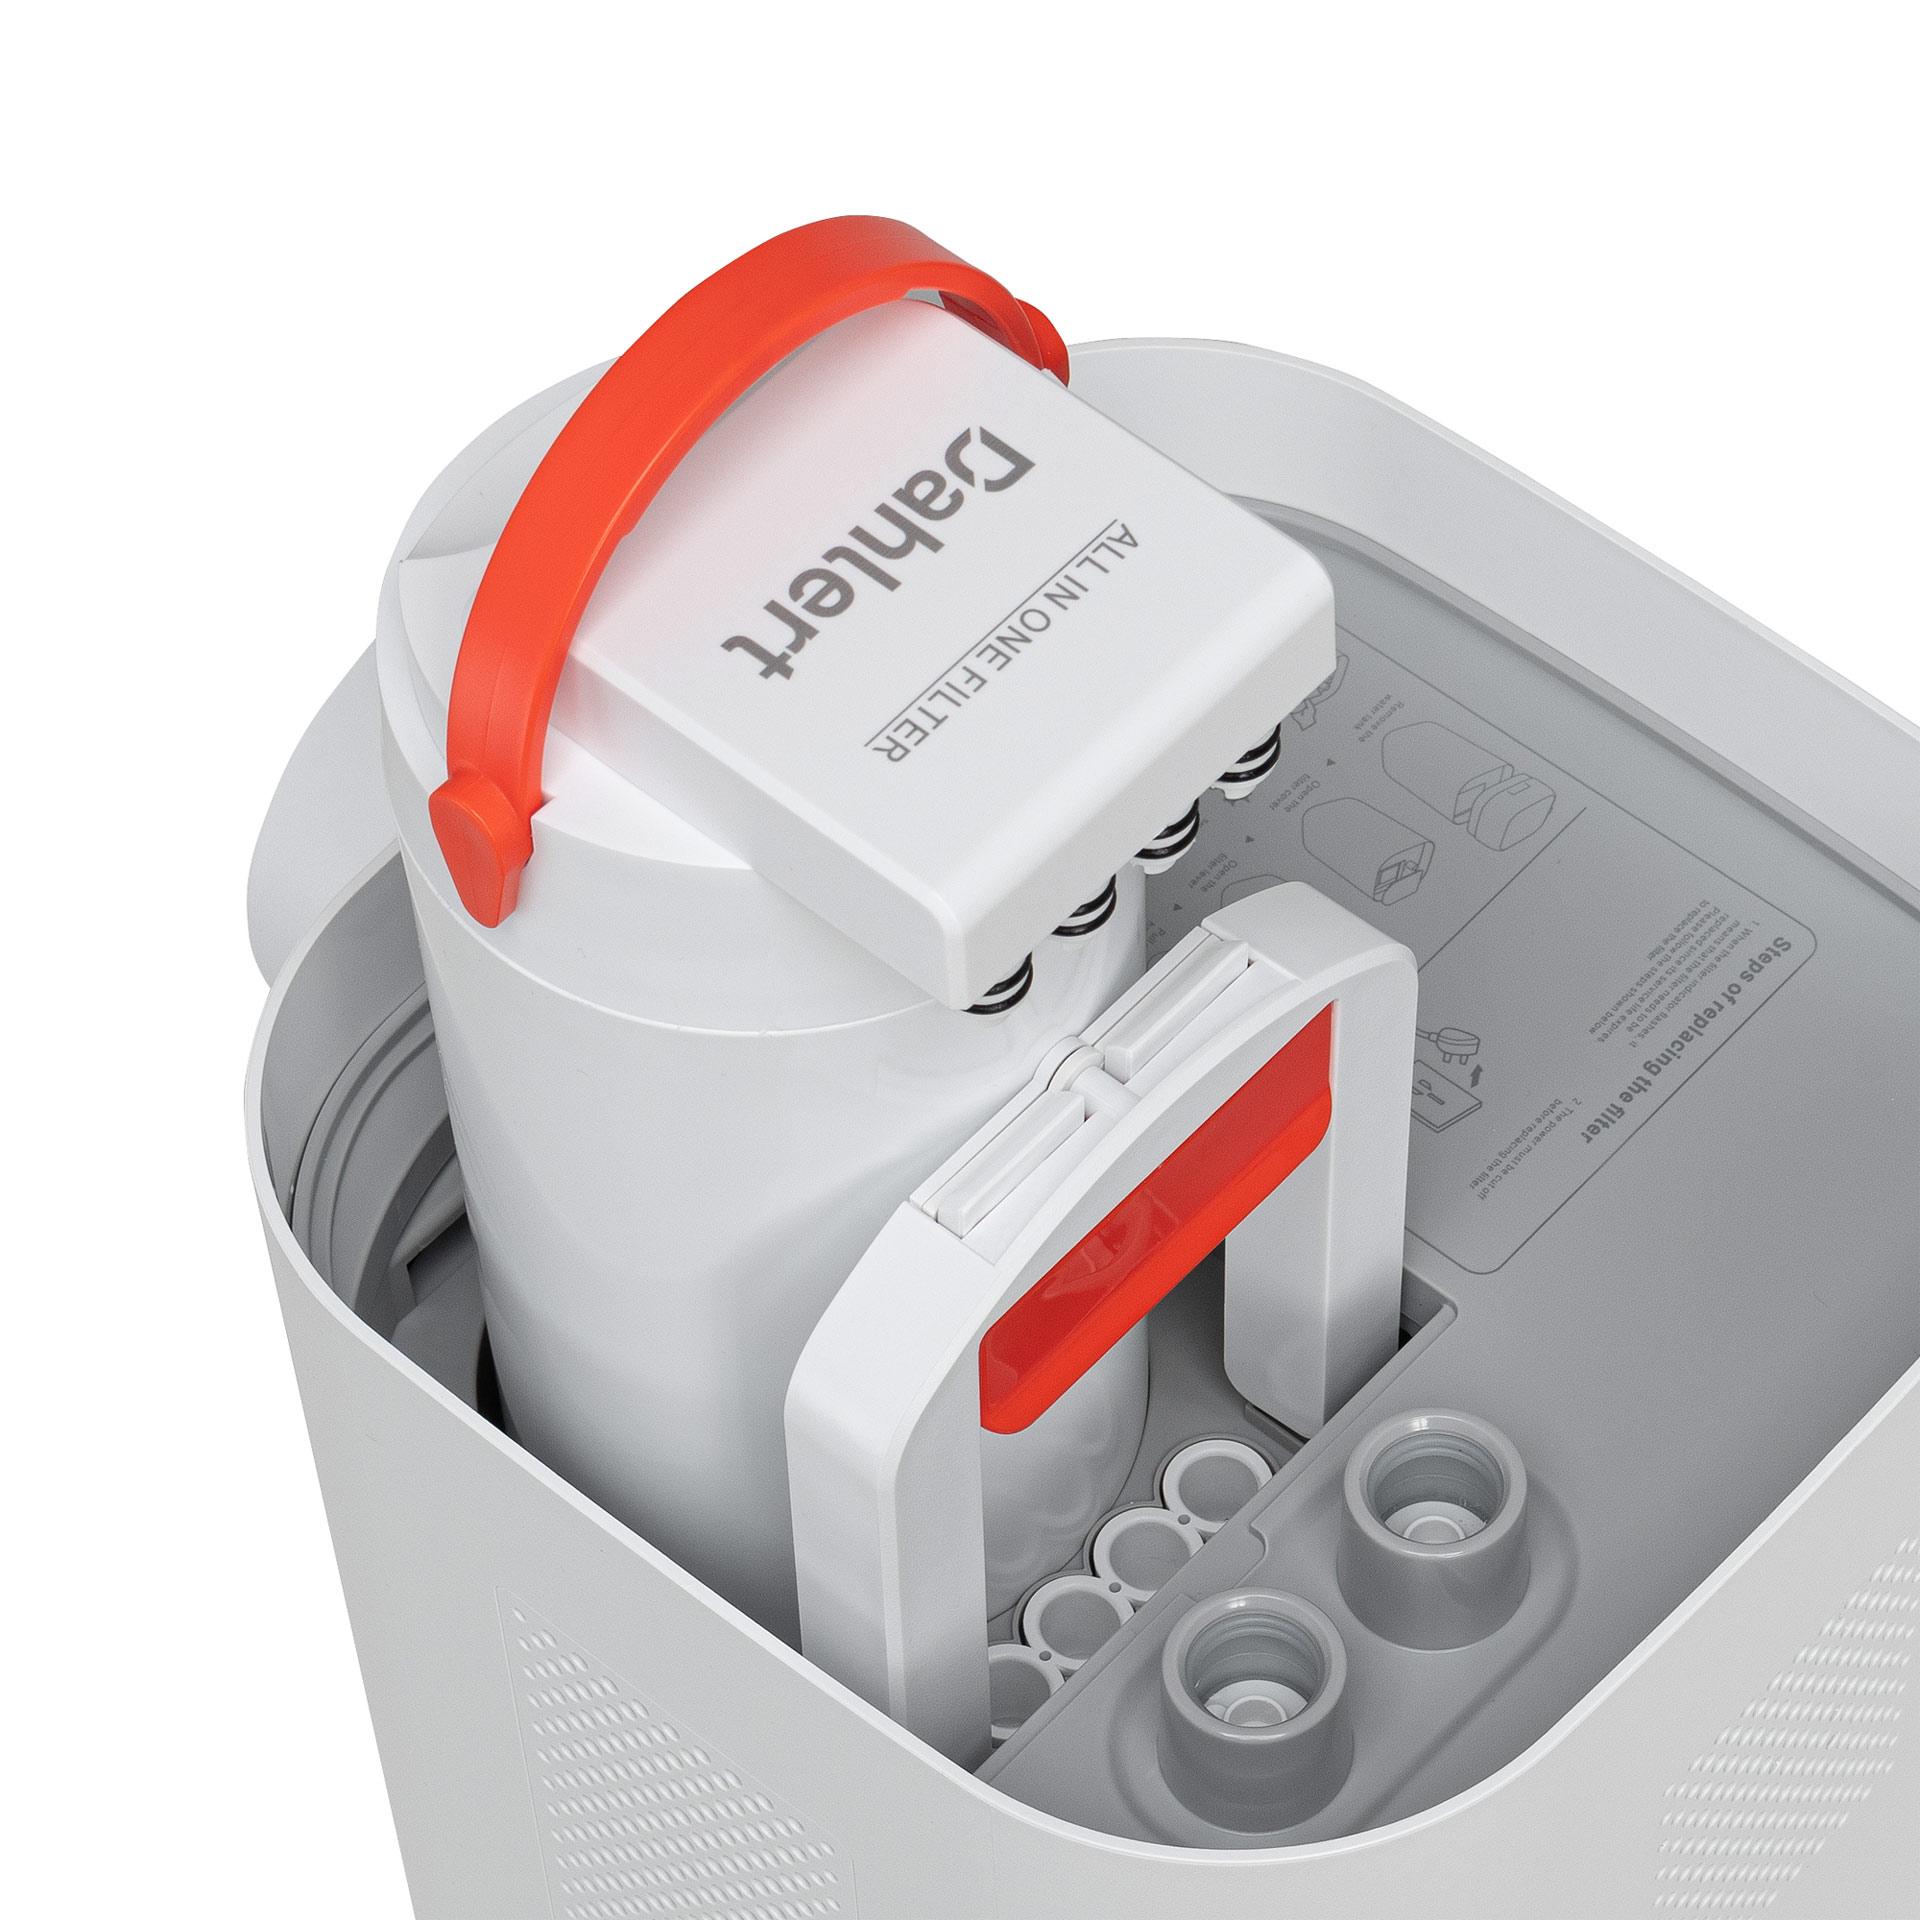 Dahlert Wasserfilter DT-WP-20 - Ersatzkartusche